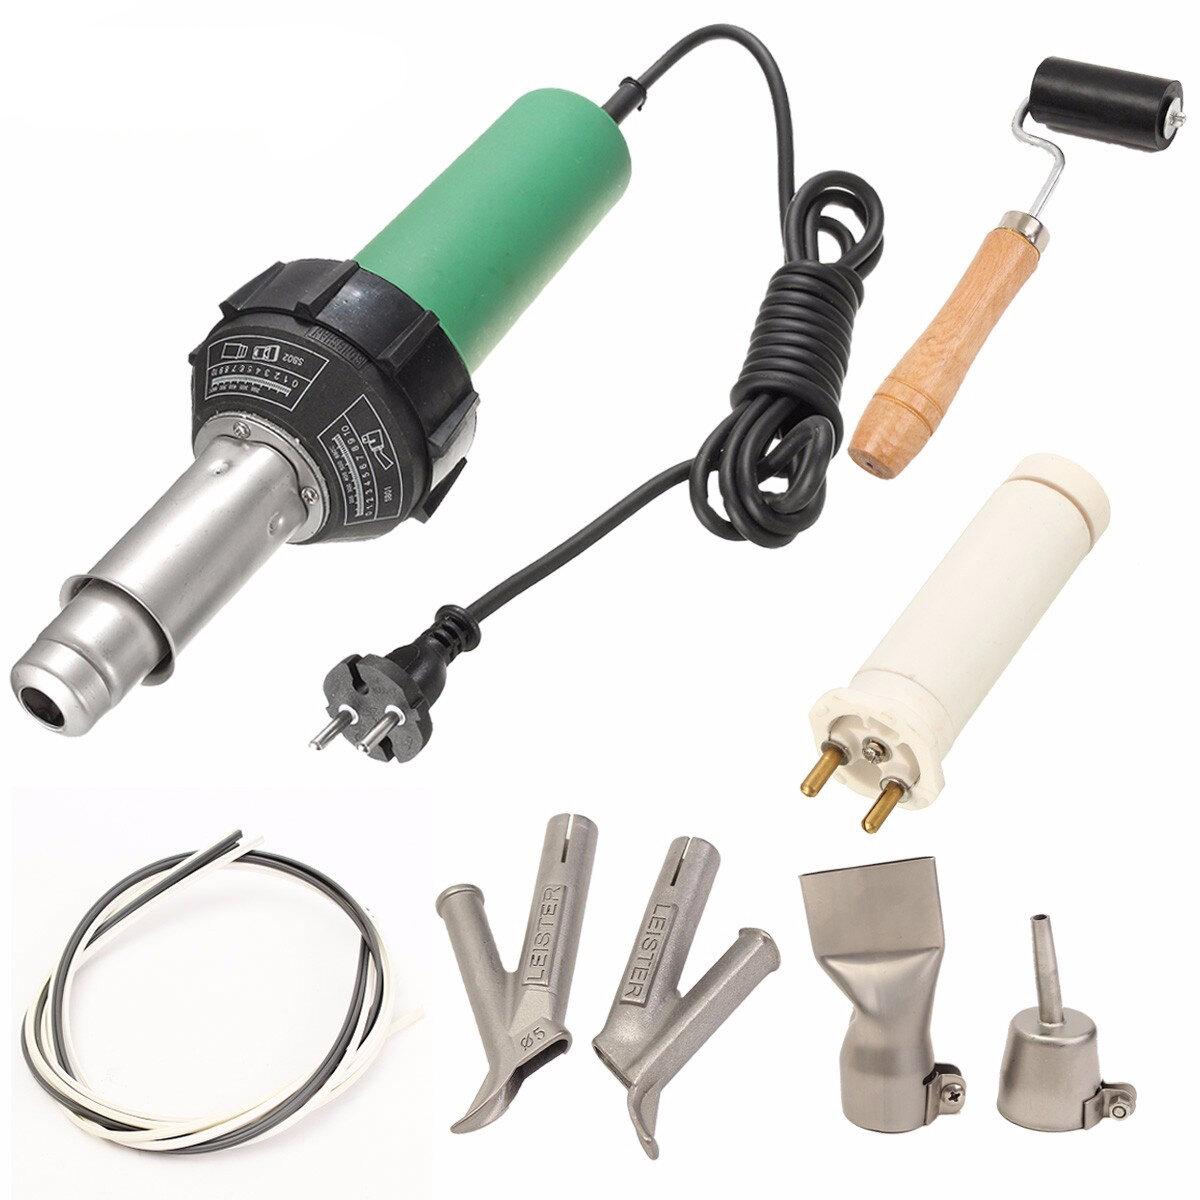 220V 1000W Plastic Welder Hot Air Gun Welding Heat Gun rod Welding Equipment